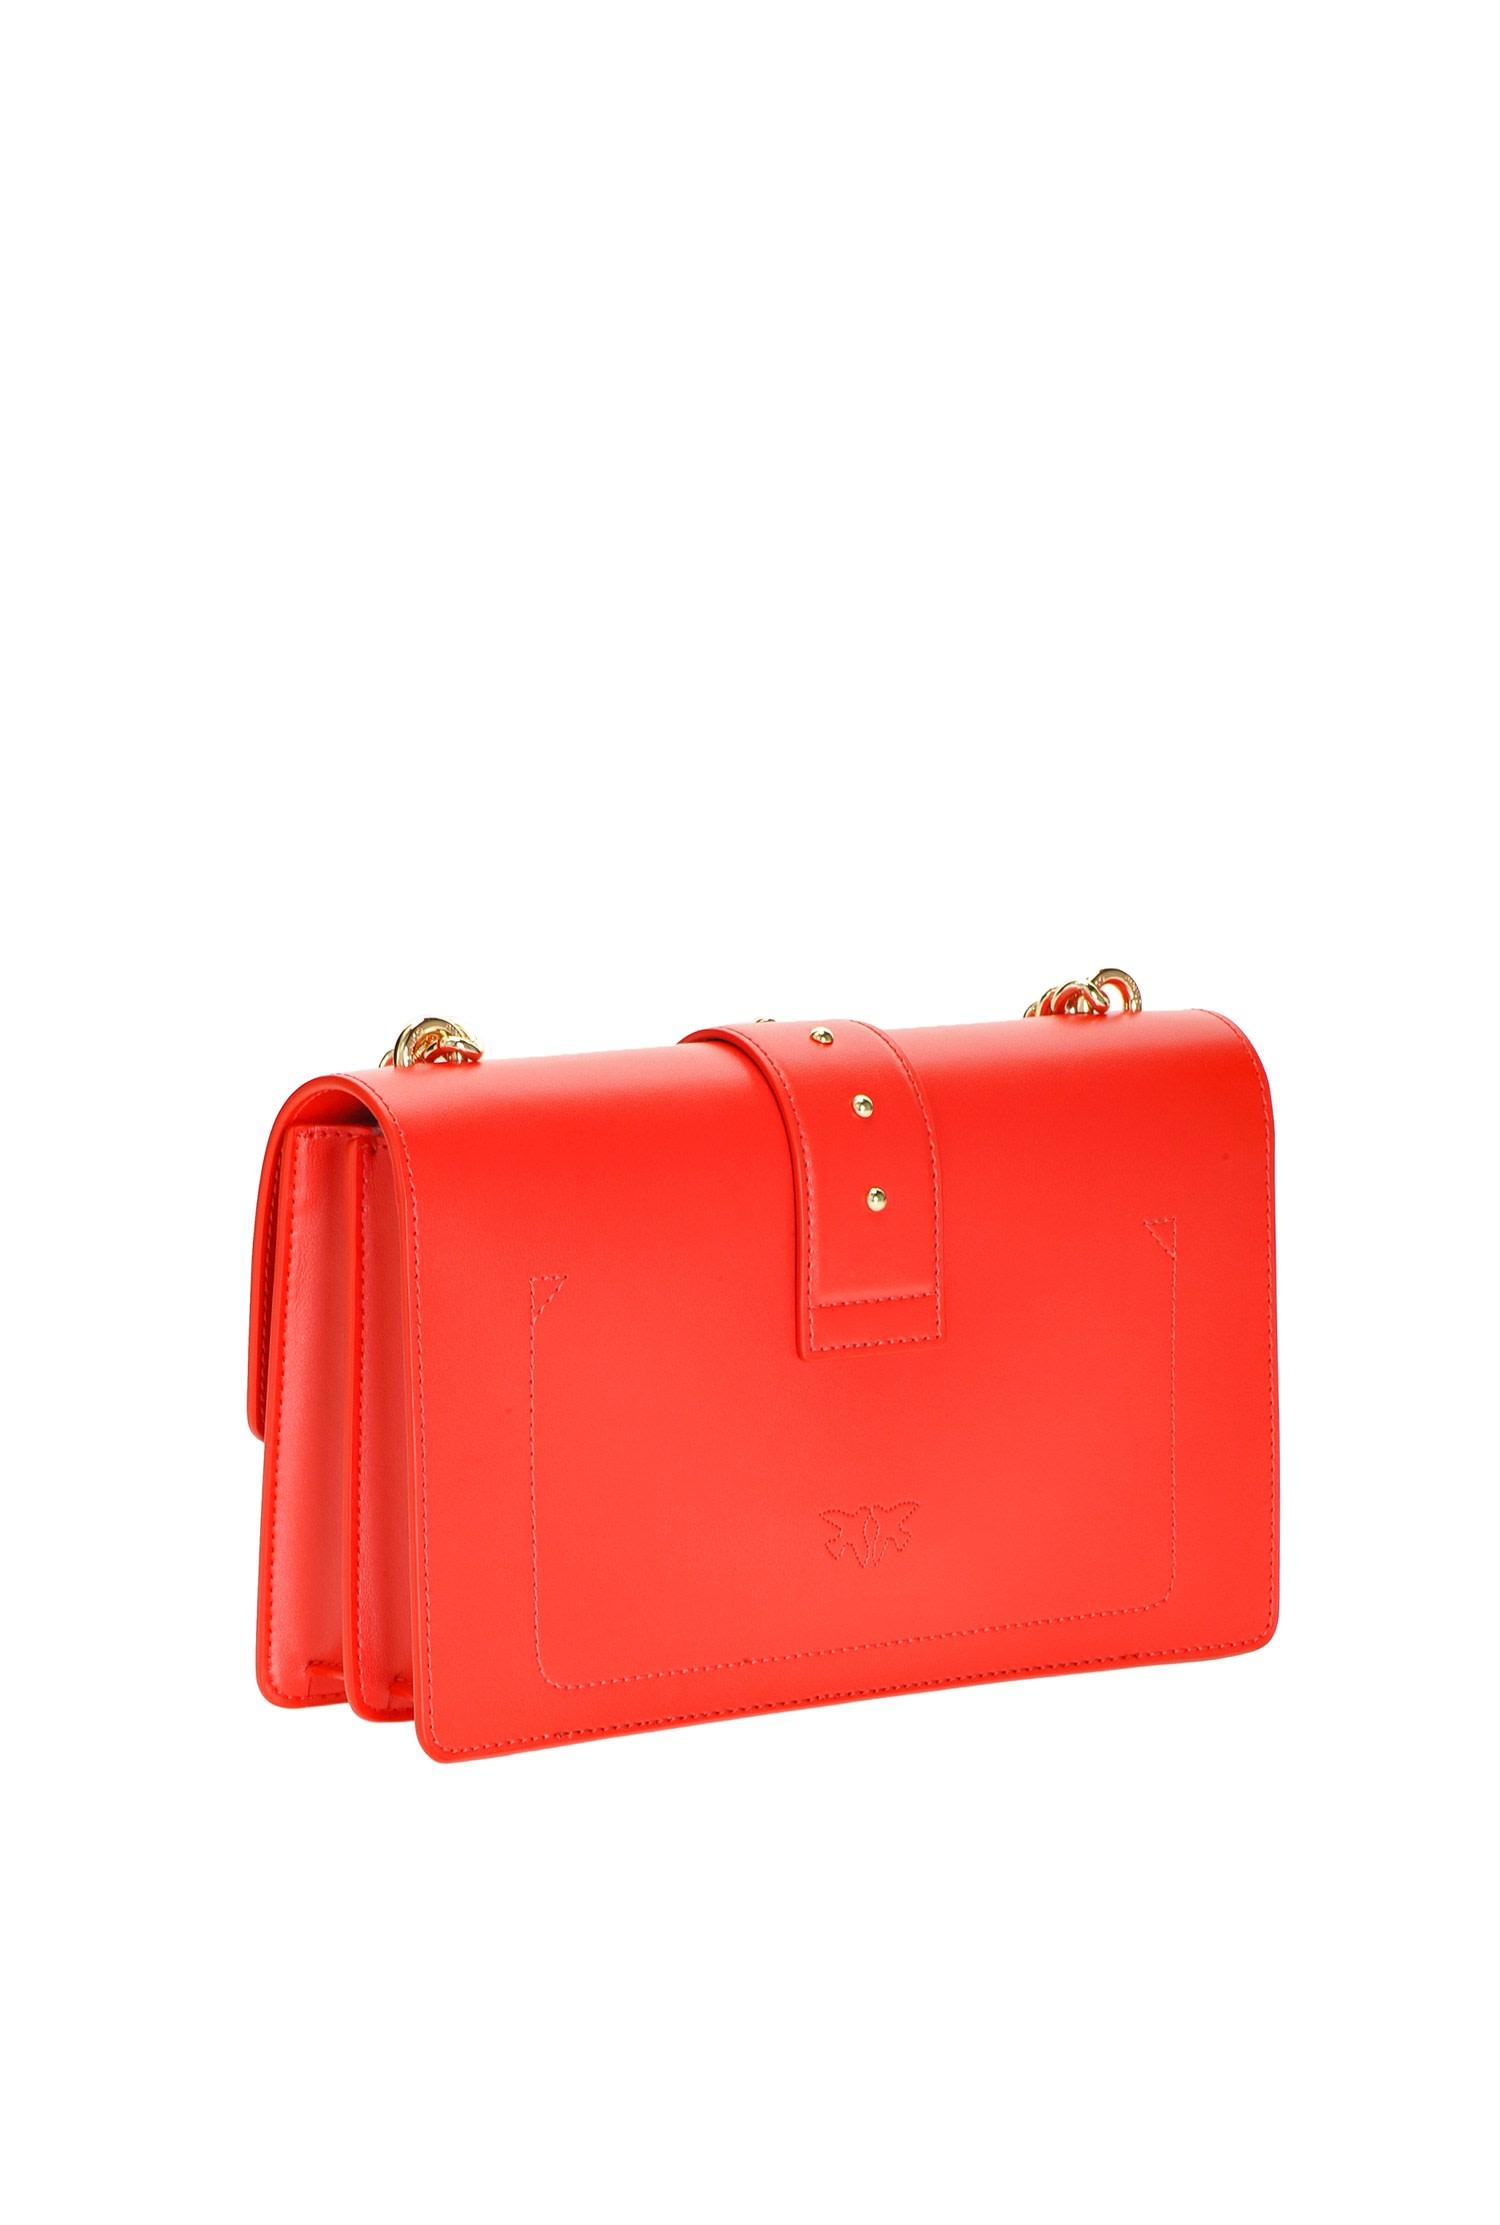 Love bag in pelle rossa Pinko.